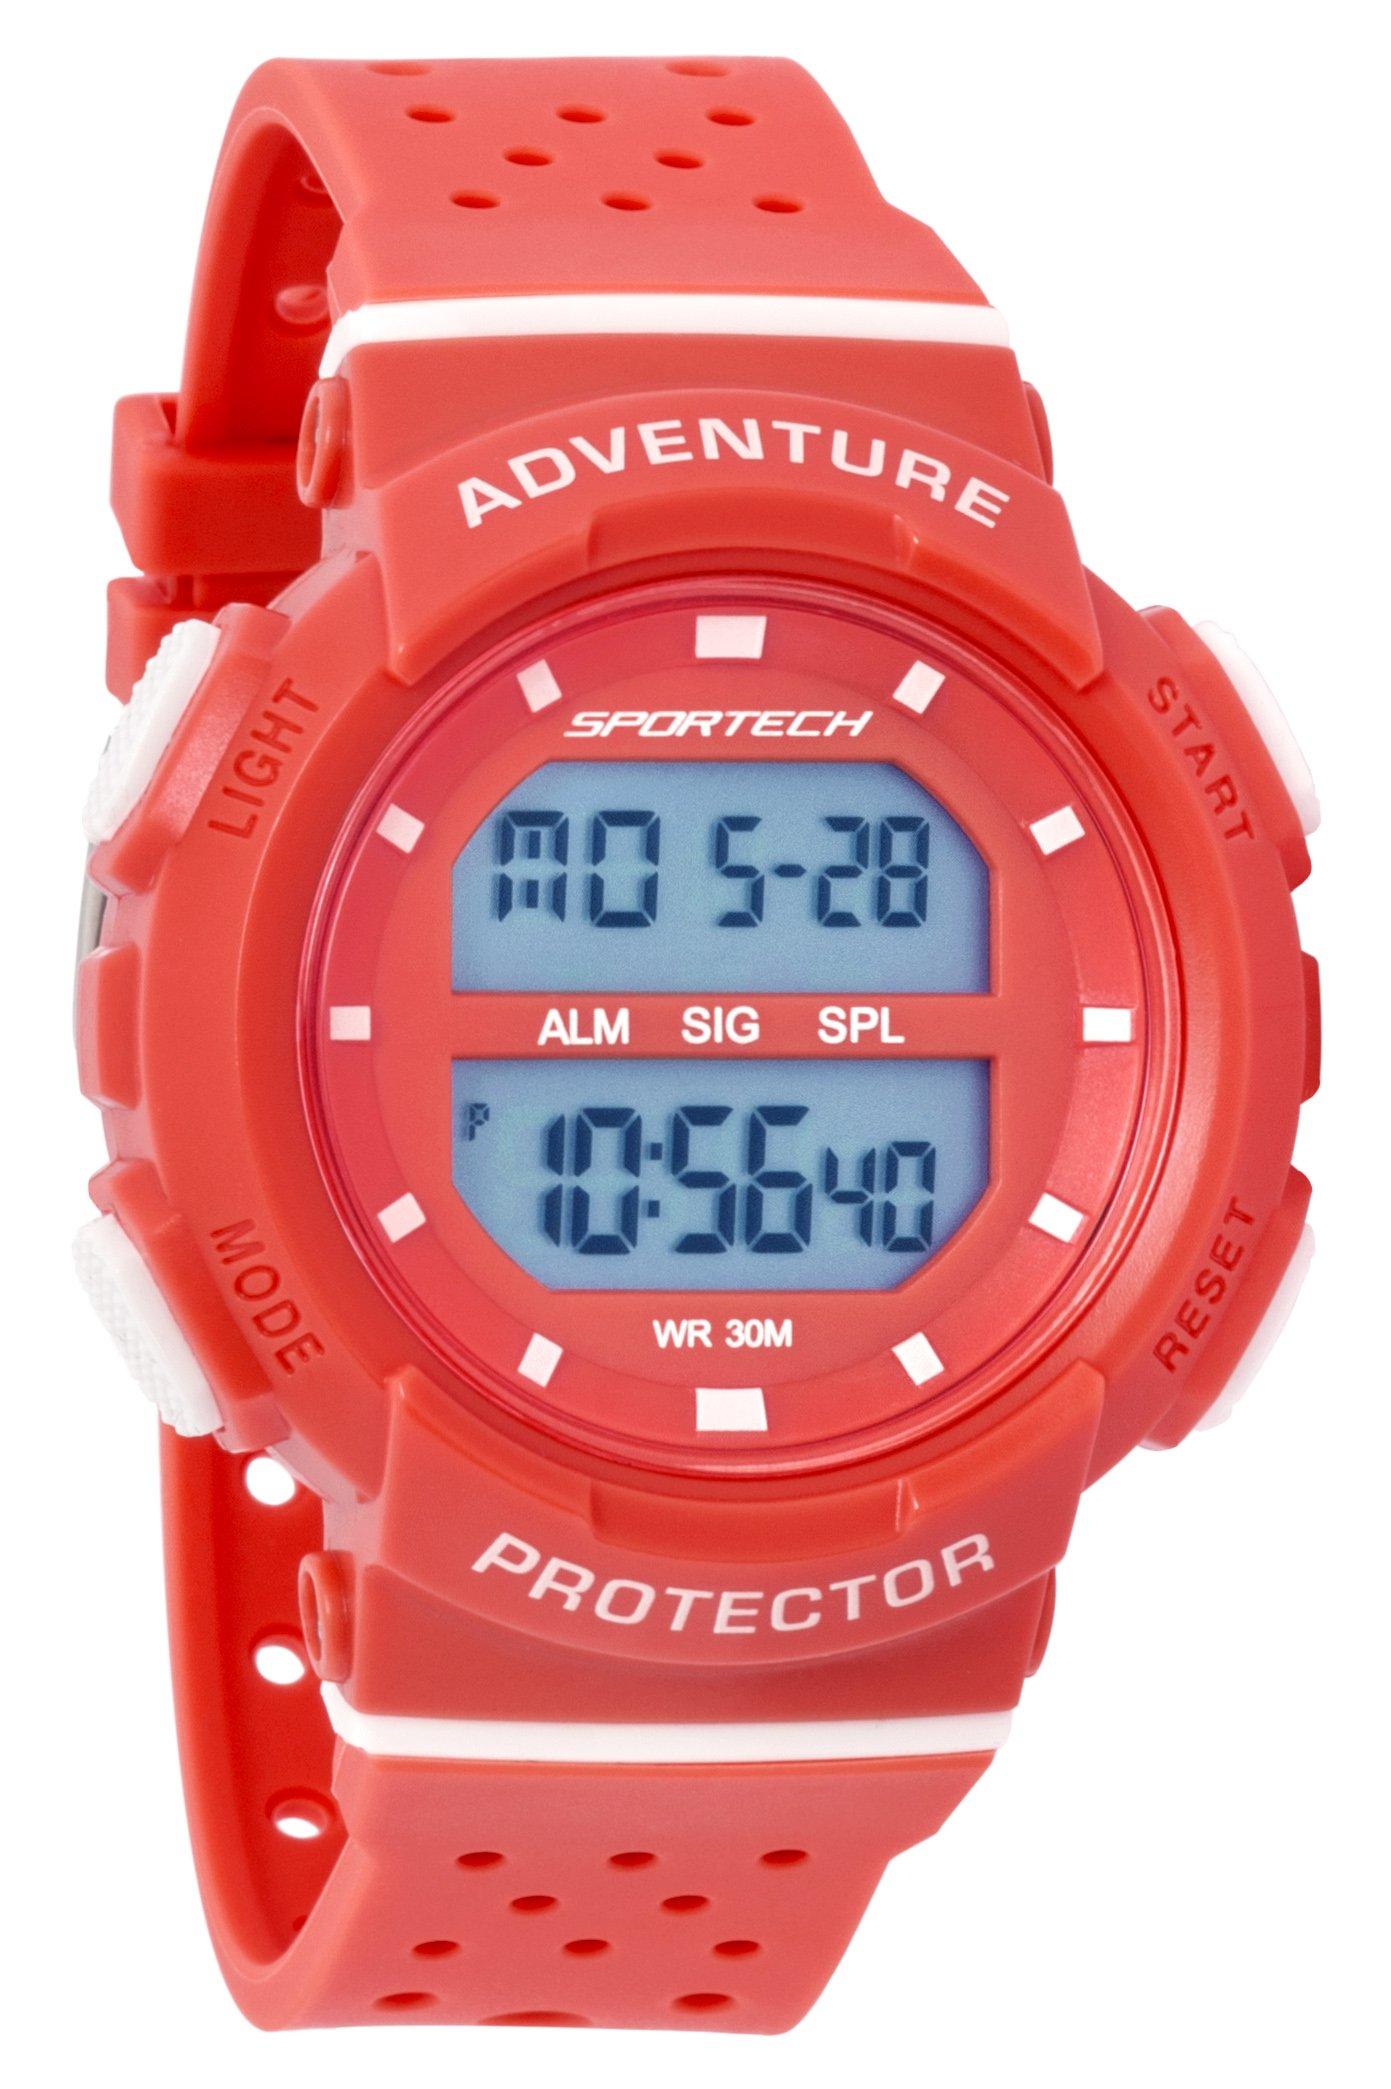 SPORTECH Women's/Girls' | Red & White Digital Water-Resistant Sports Watch | SP12703 by Sportech